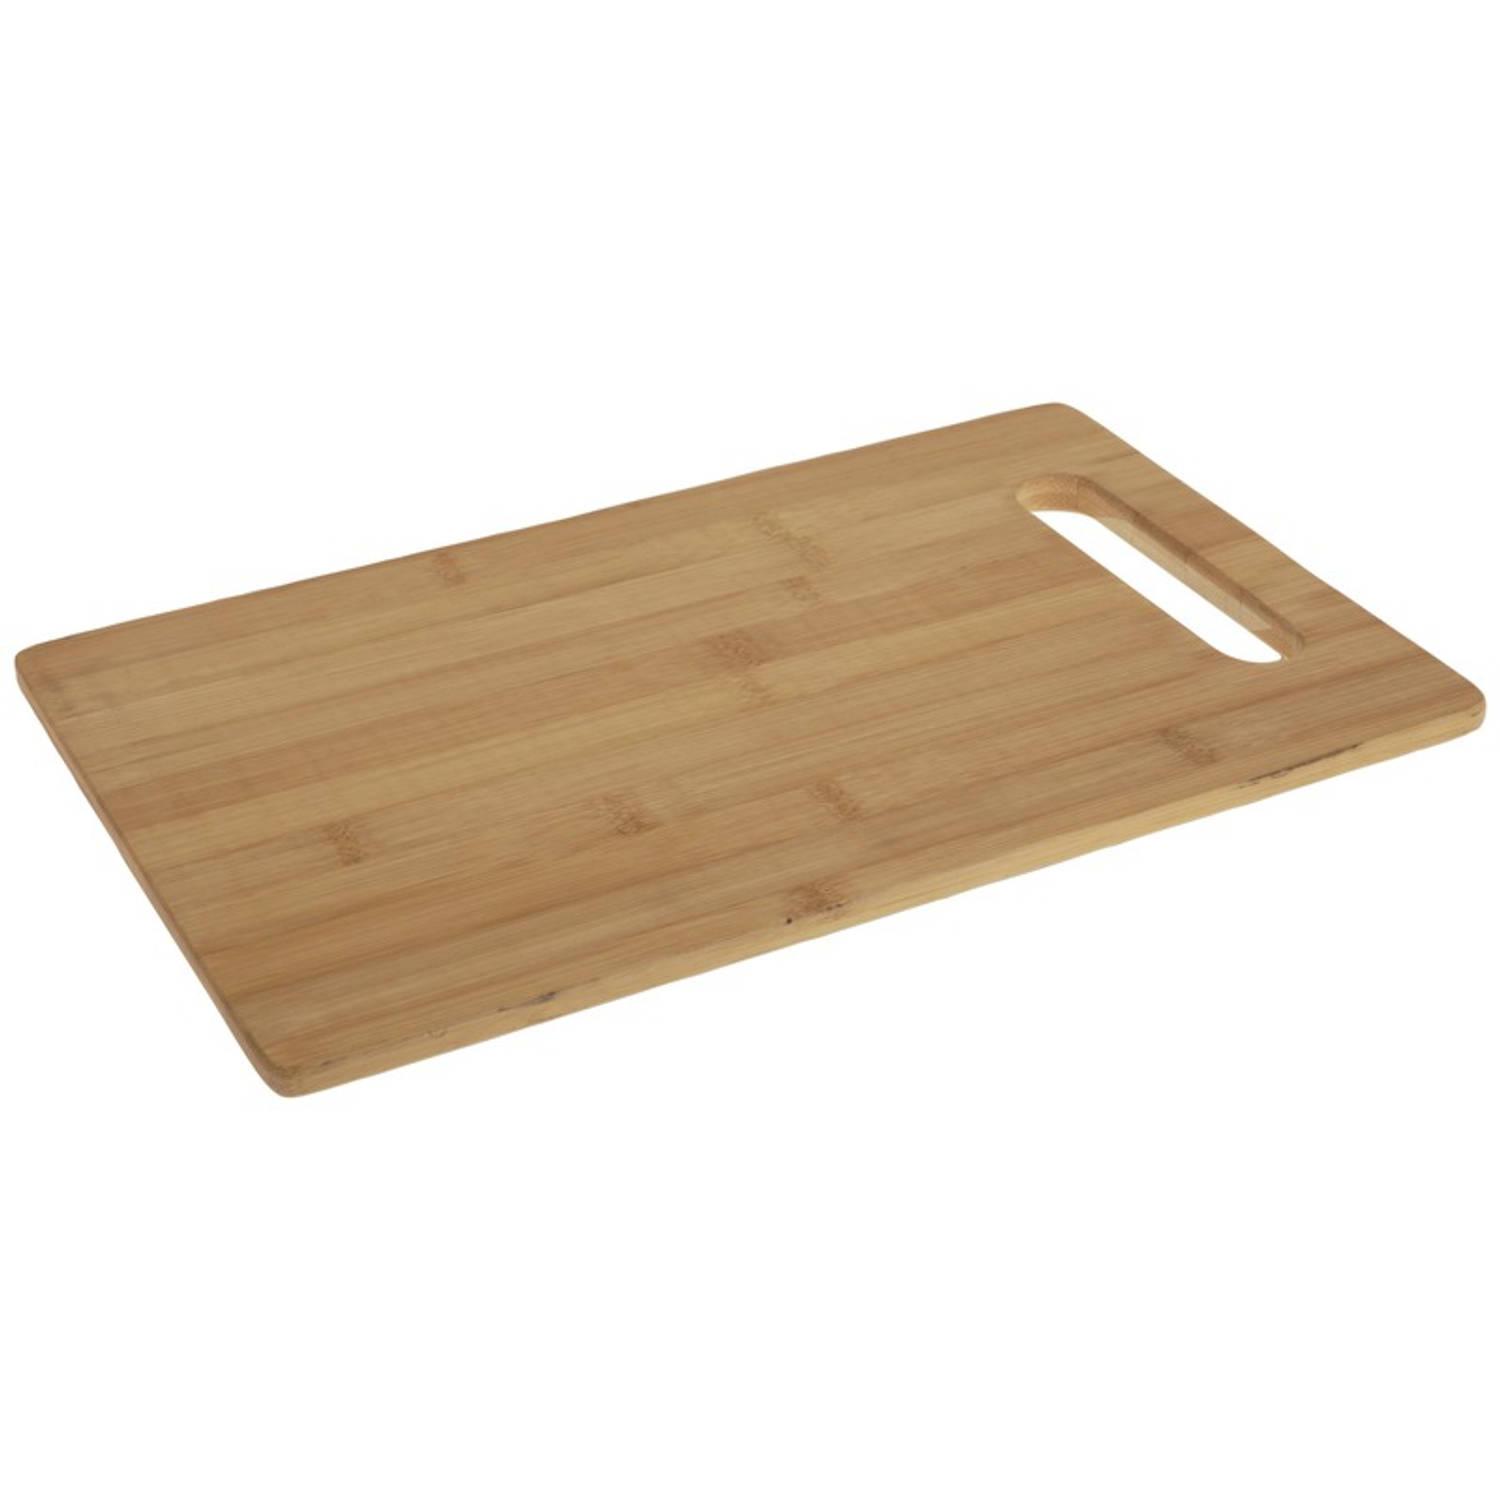 Korting Snijplank Bamboe Hout Rechthoek Met Handvat 36 Cm Snijplanken Voor Groente, Fruit, Vlees En Vis